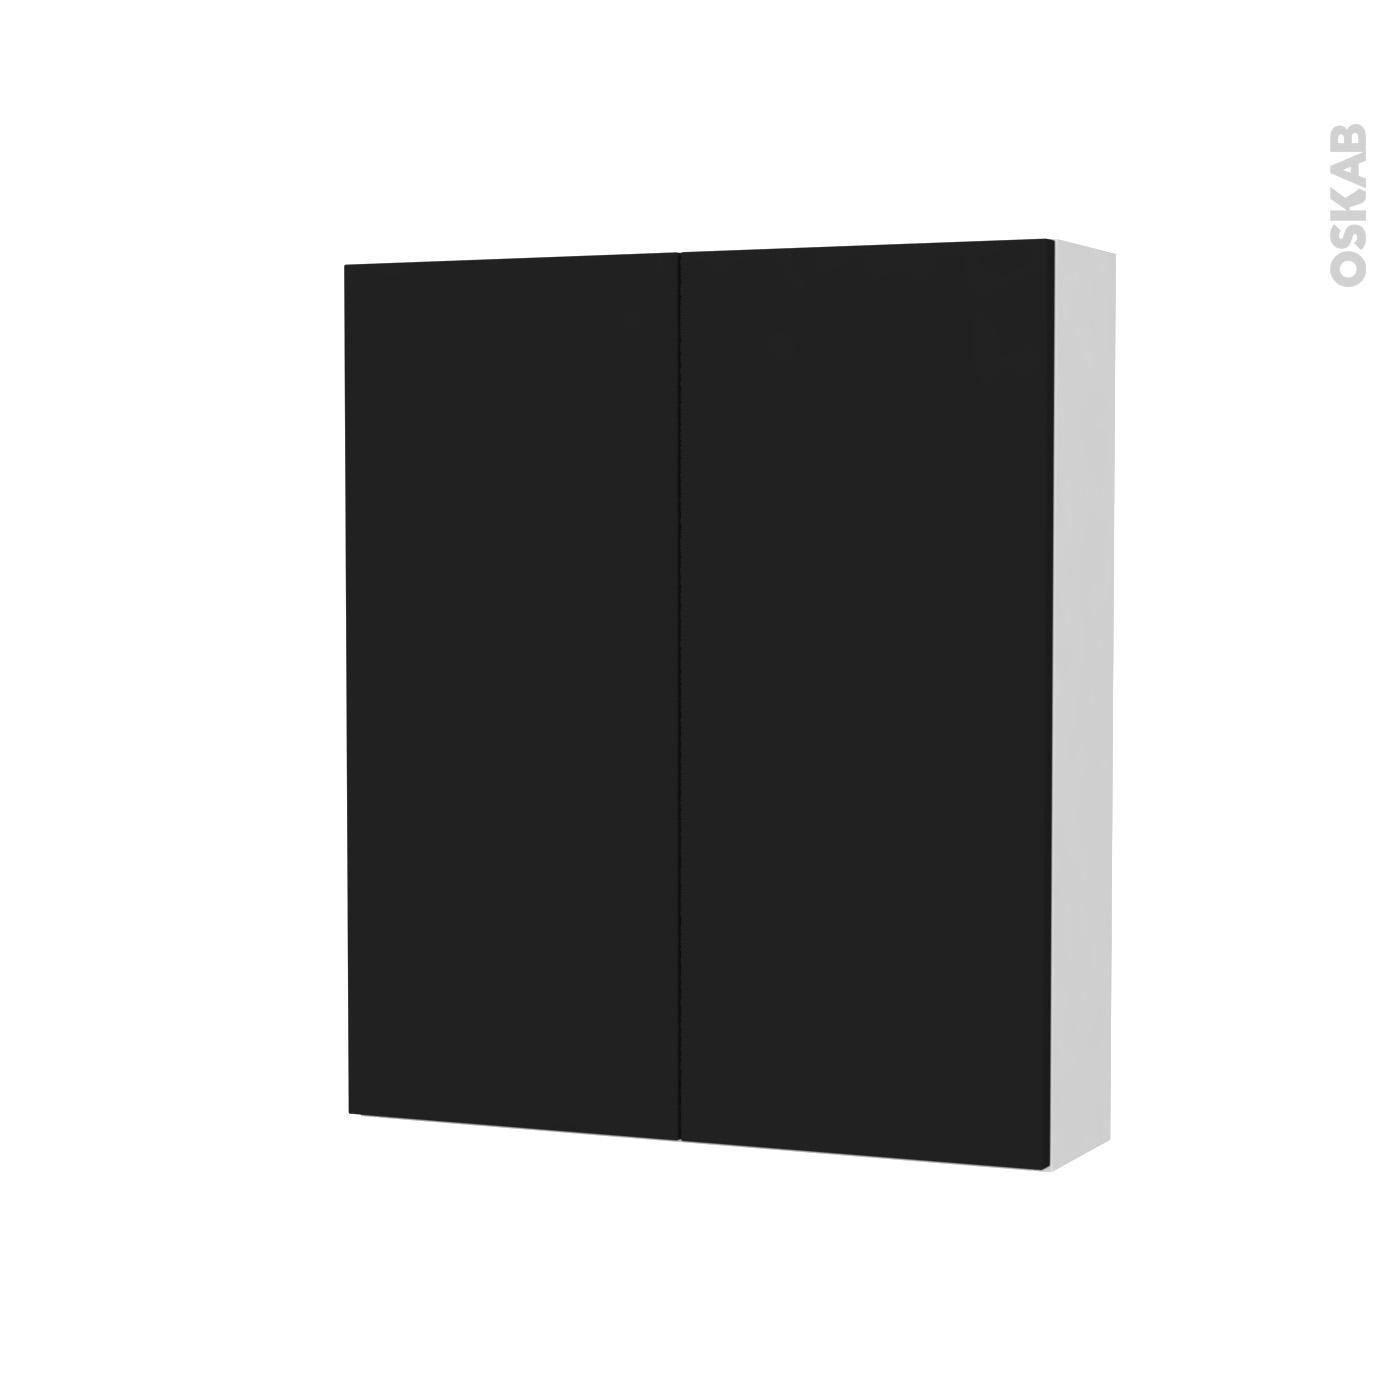 Armoire De Toilette Rangement Haut Ginko Noir 2 Portes Cotes Blancs L60 X H70 X P17 Cm Oskab